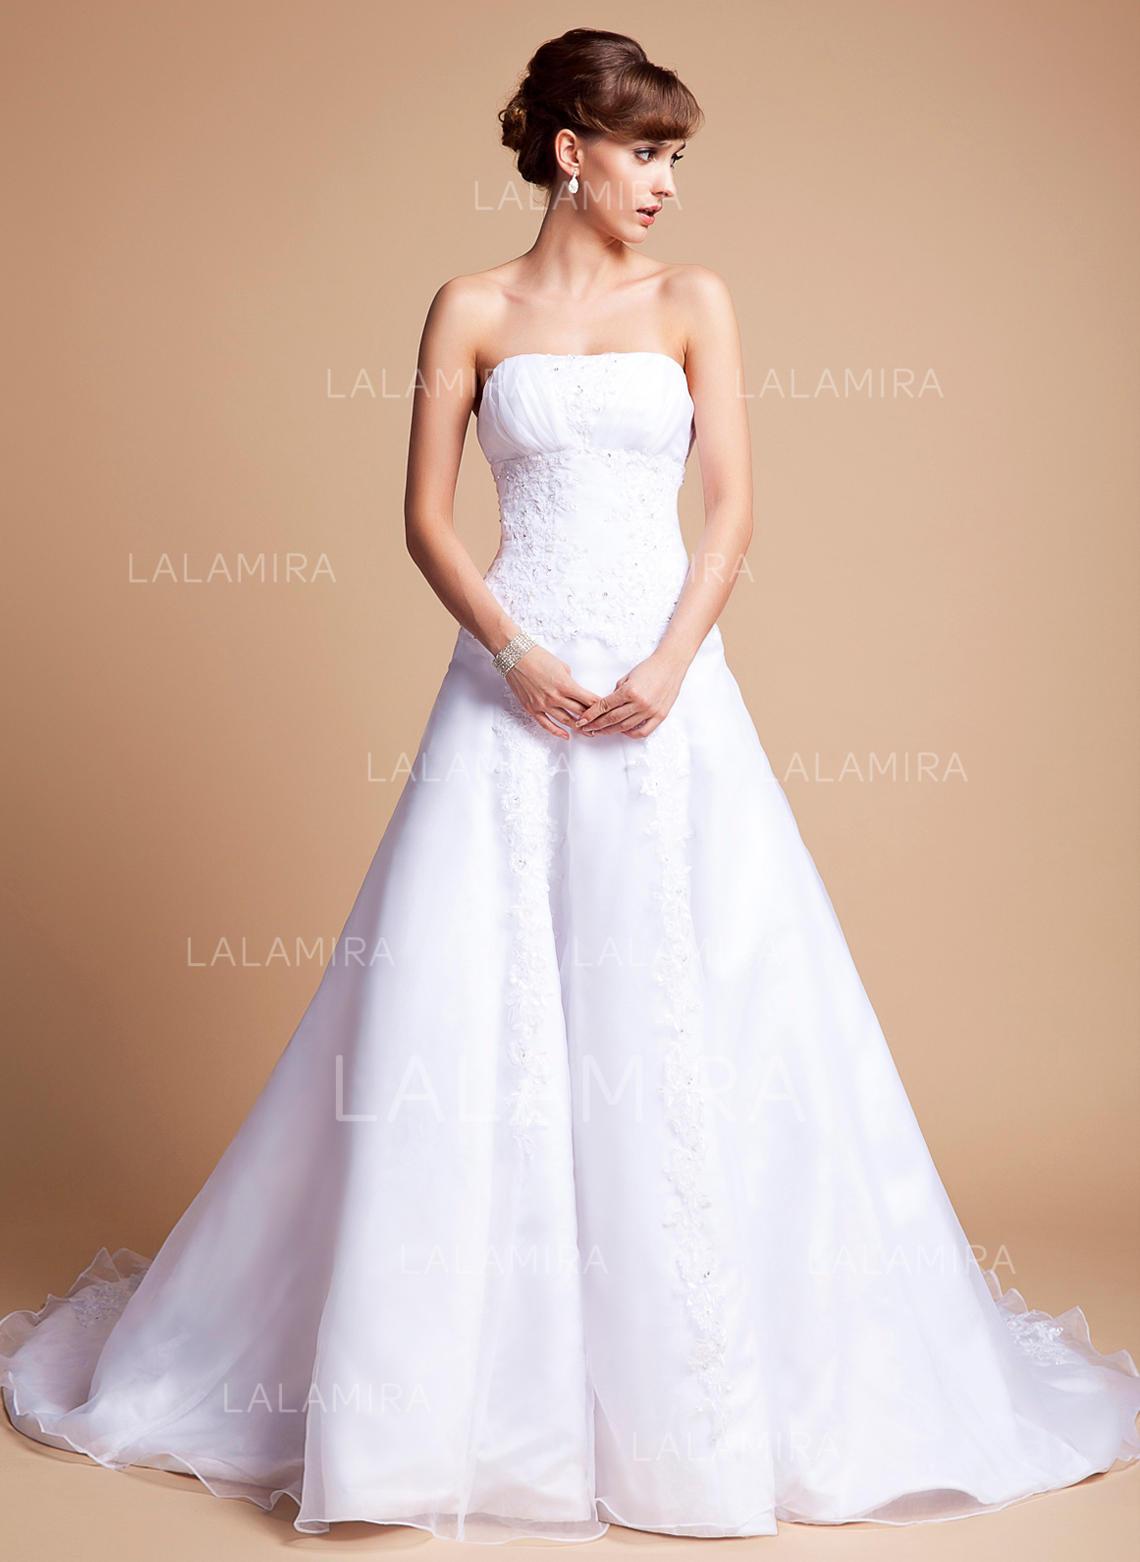 Satin Princess Wedding Dress